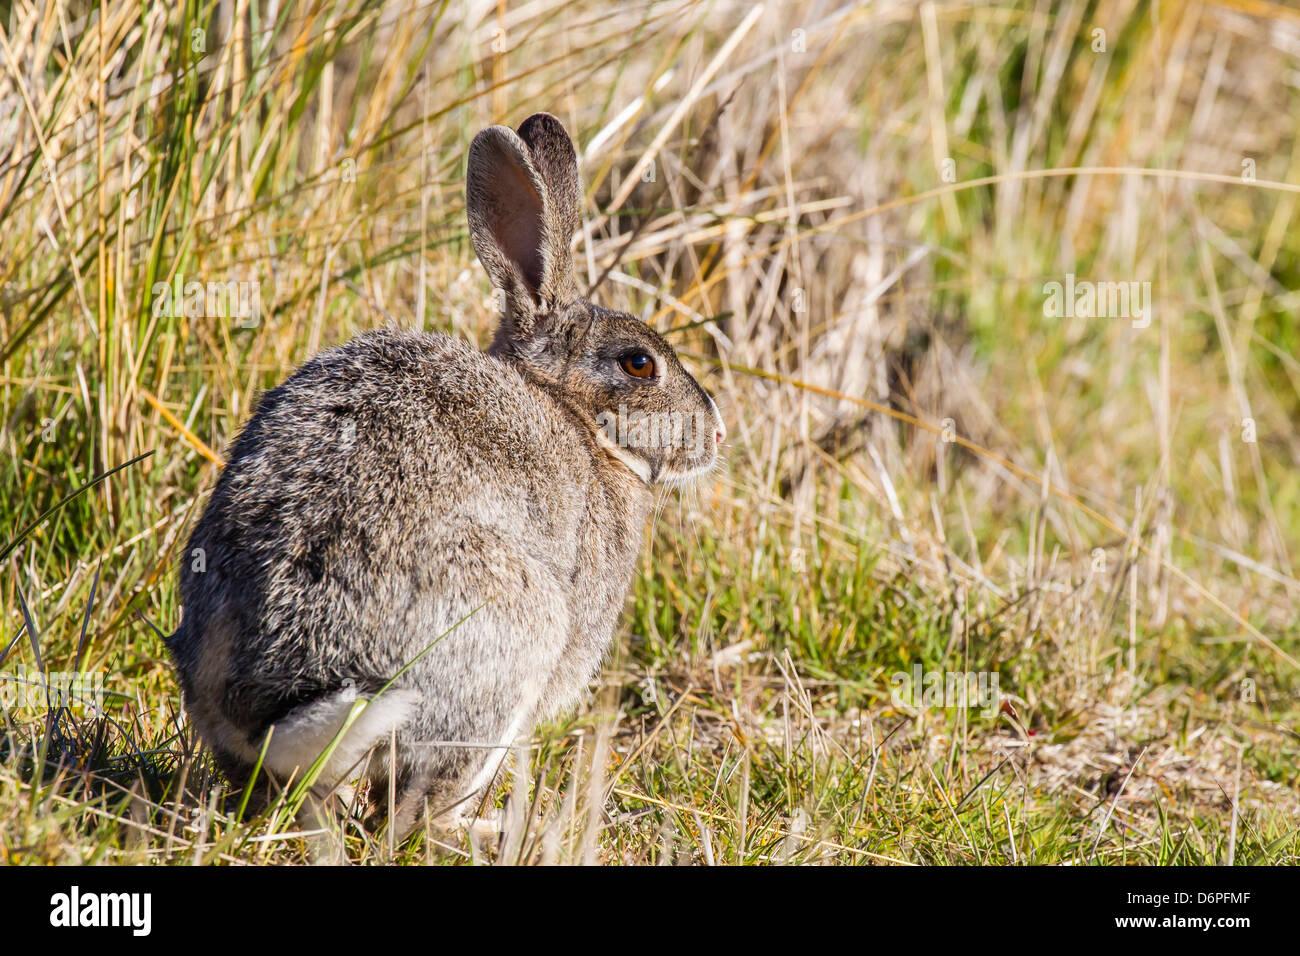 A présenté des profils lapin Européen (Oryctolagus cuniculus), nouvelle île, Falklands, Sud de l'océan Atlantique, Banque D'Images